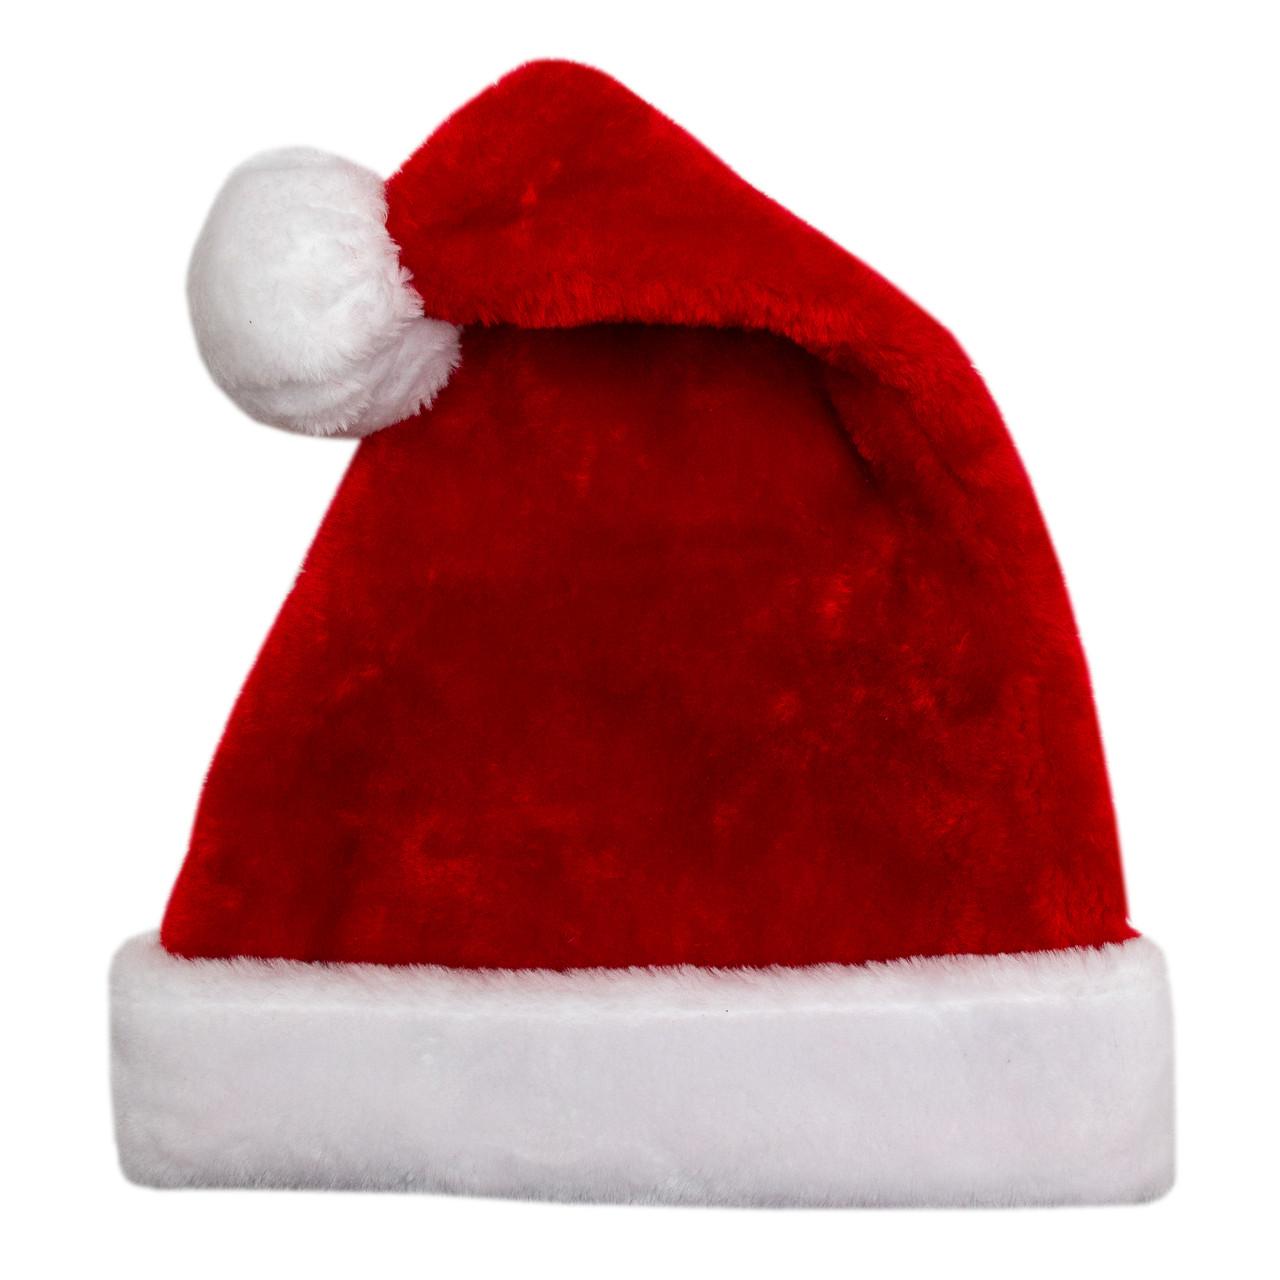 Новогодний карнавальный колпак, 58-60 см, плюш, полиэстер, красный (460298)